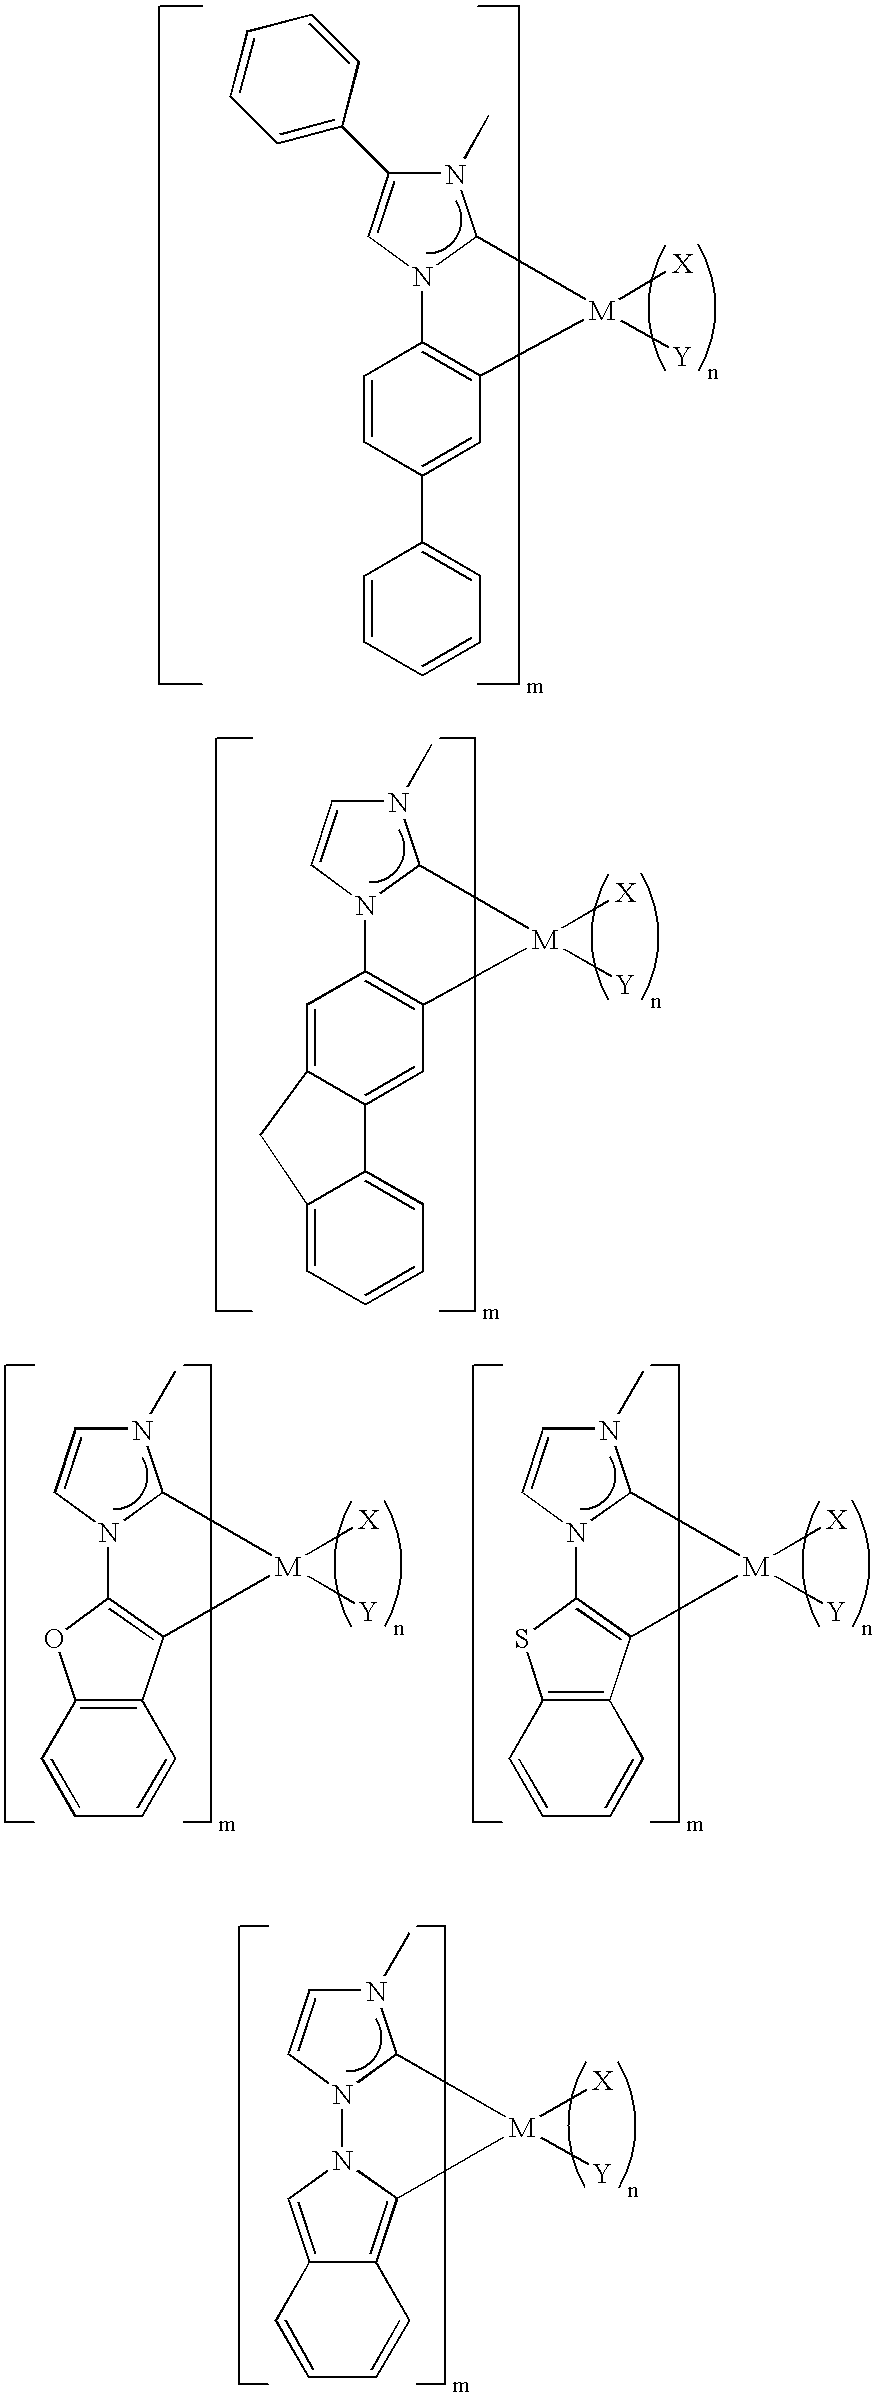 Figure US20050260441A1-20051124-C00098